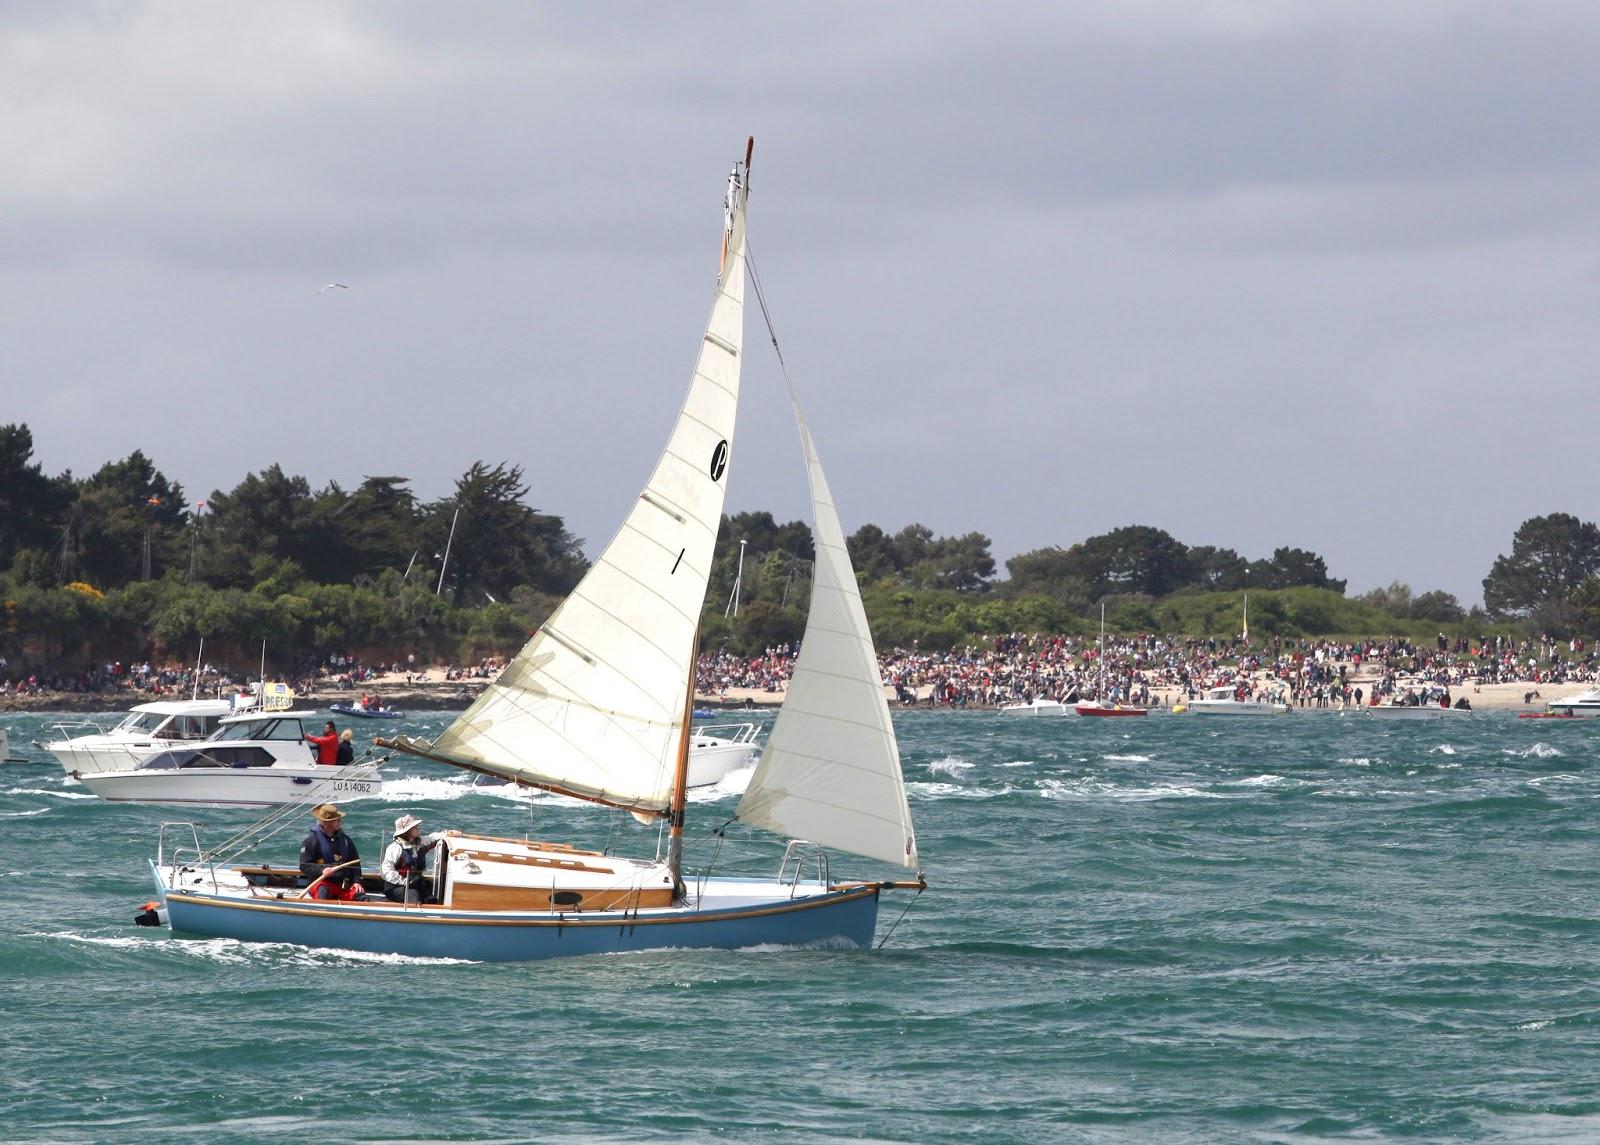 Pen-Hir entre dans le Golfe du Morbihan pour la grande parade. Photo Loïc Madeline